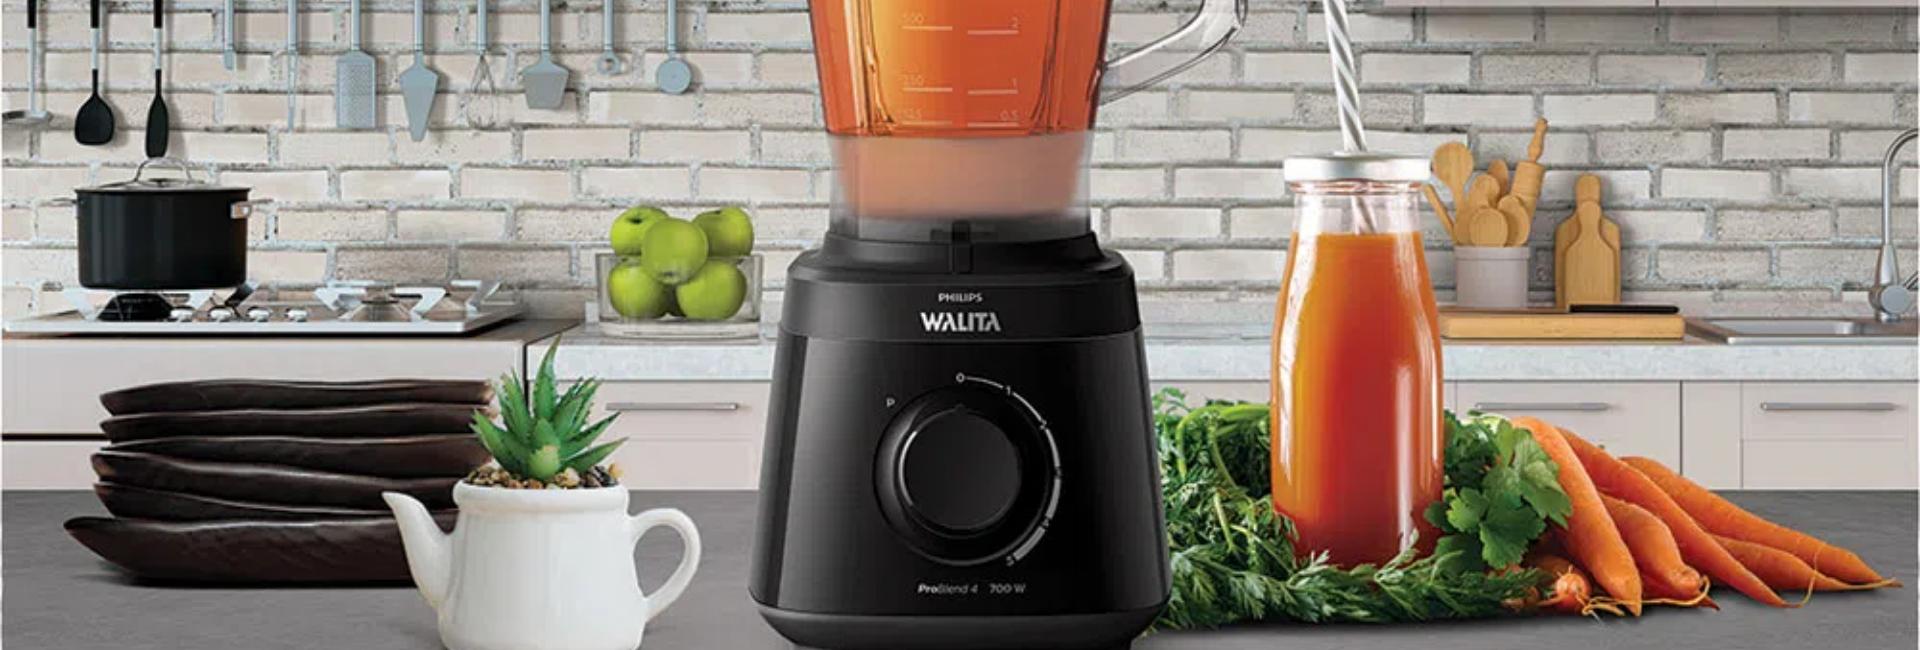 Liquidificador Walita: veja os melhores modelos para comprar em 2020